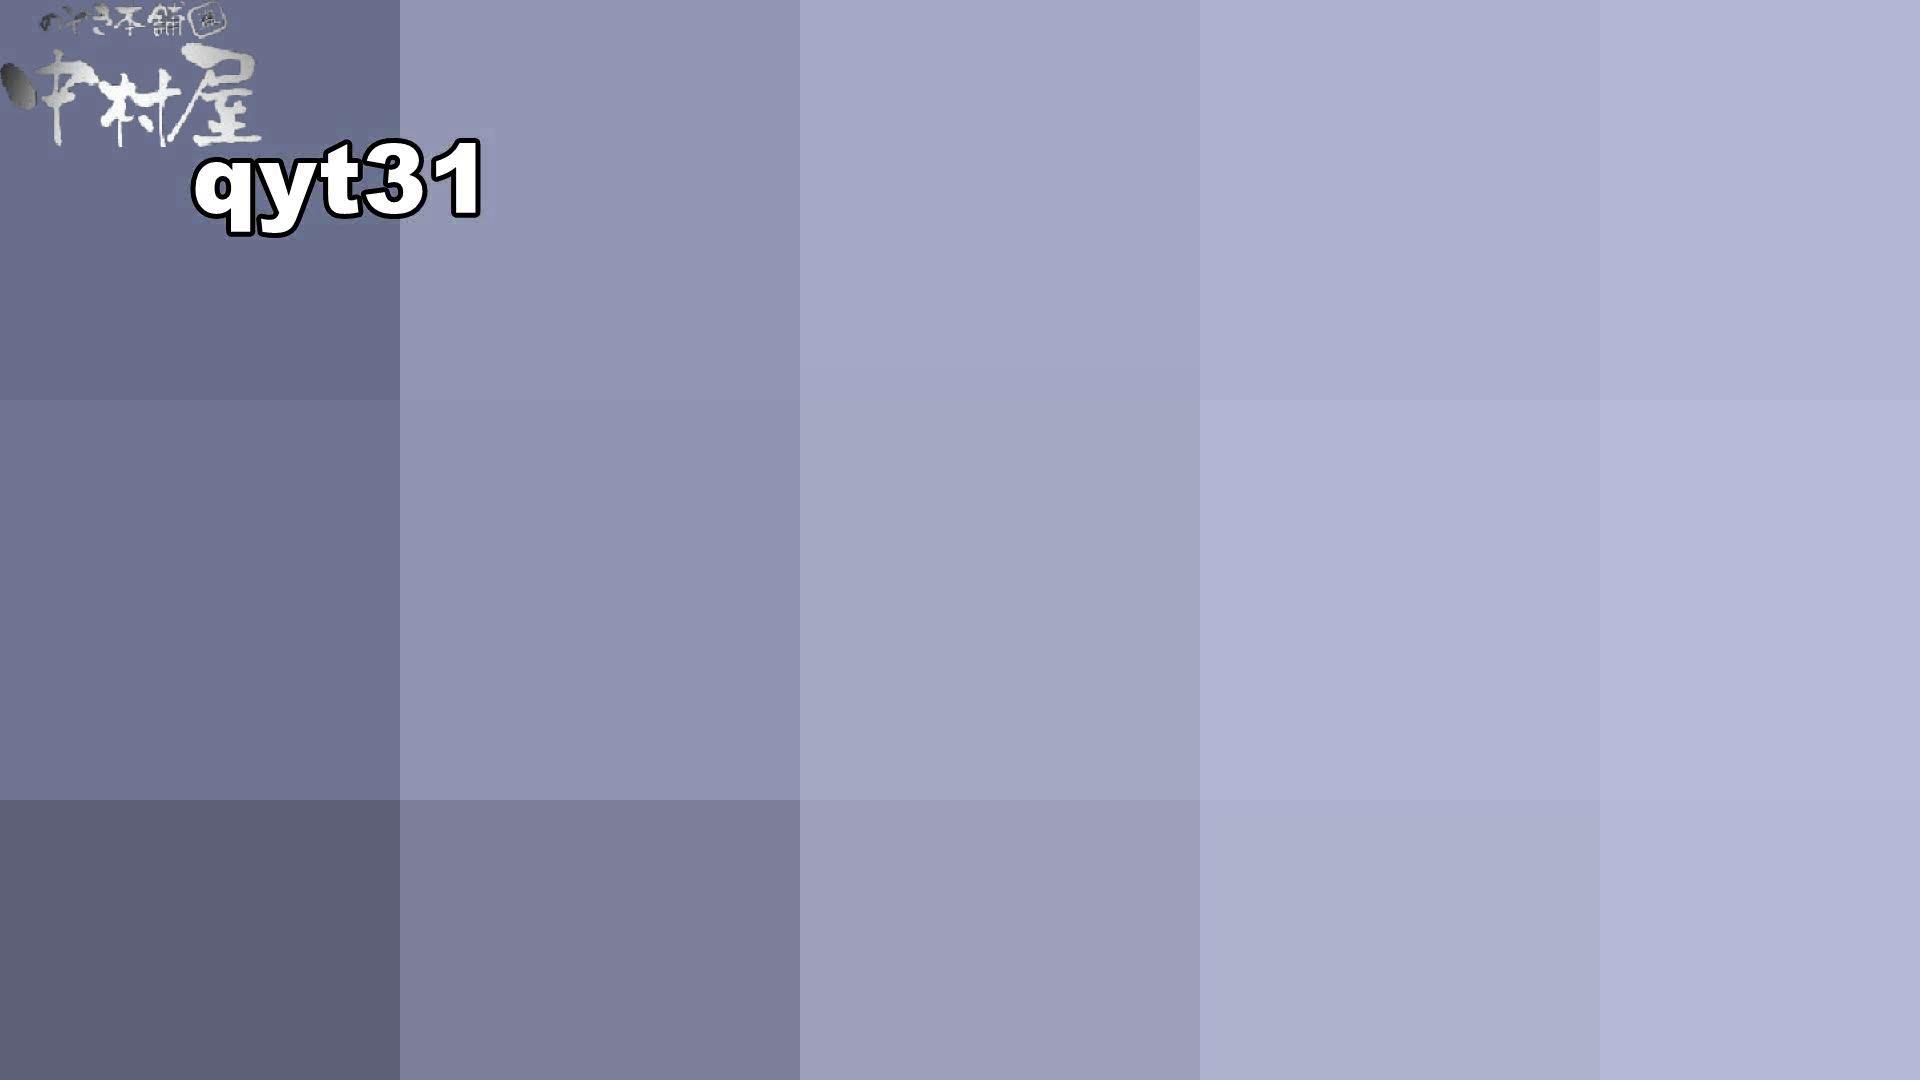 【お銀さんの「洗面所突入レポート!!」】お銀さんの「洗面所突入レポート!!」 vol.31 Σ(||゚Д゚)ヒィ~!! 洗面所 | 綺麗なOLたち  71枚 27